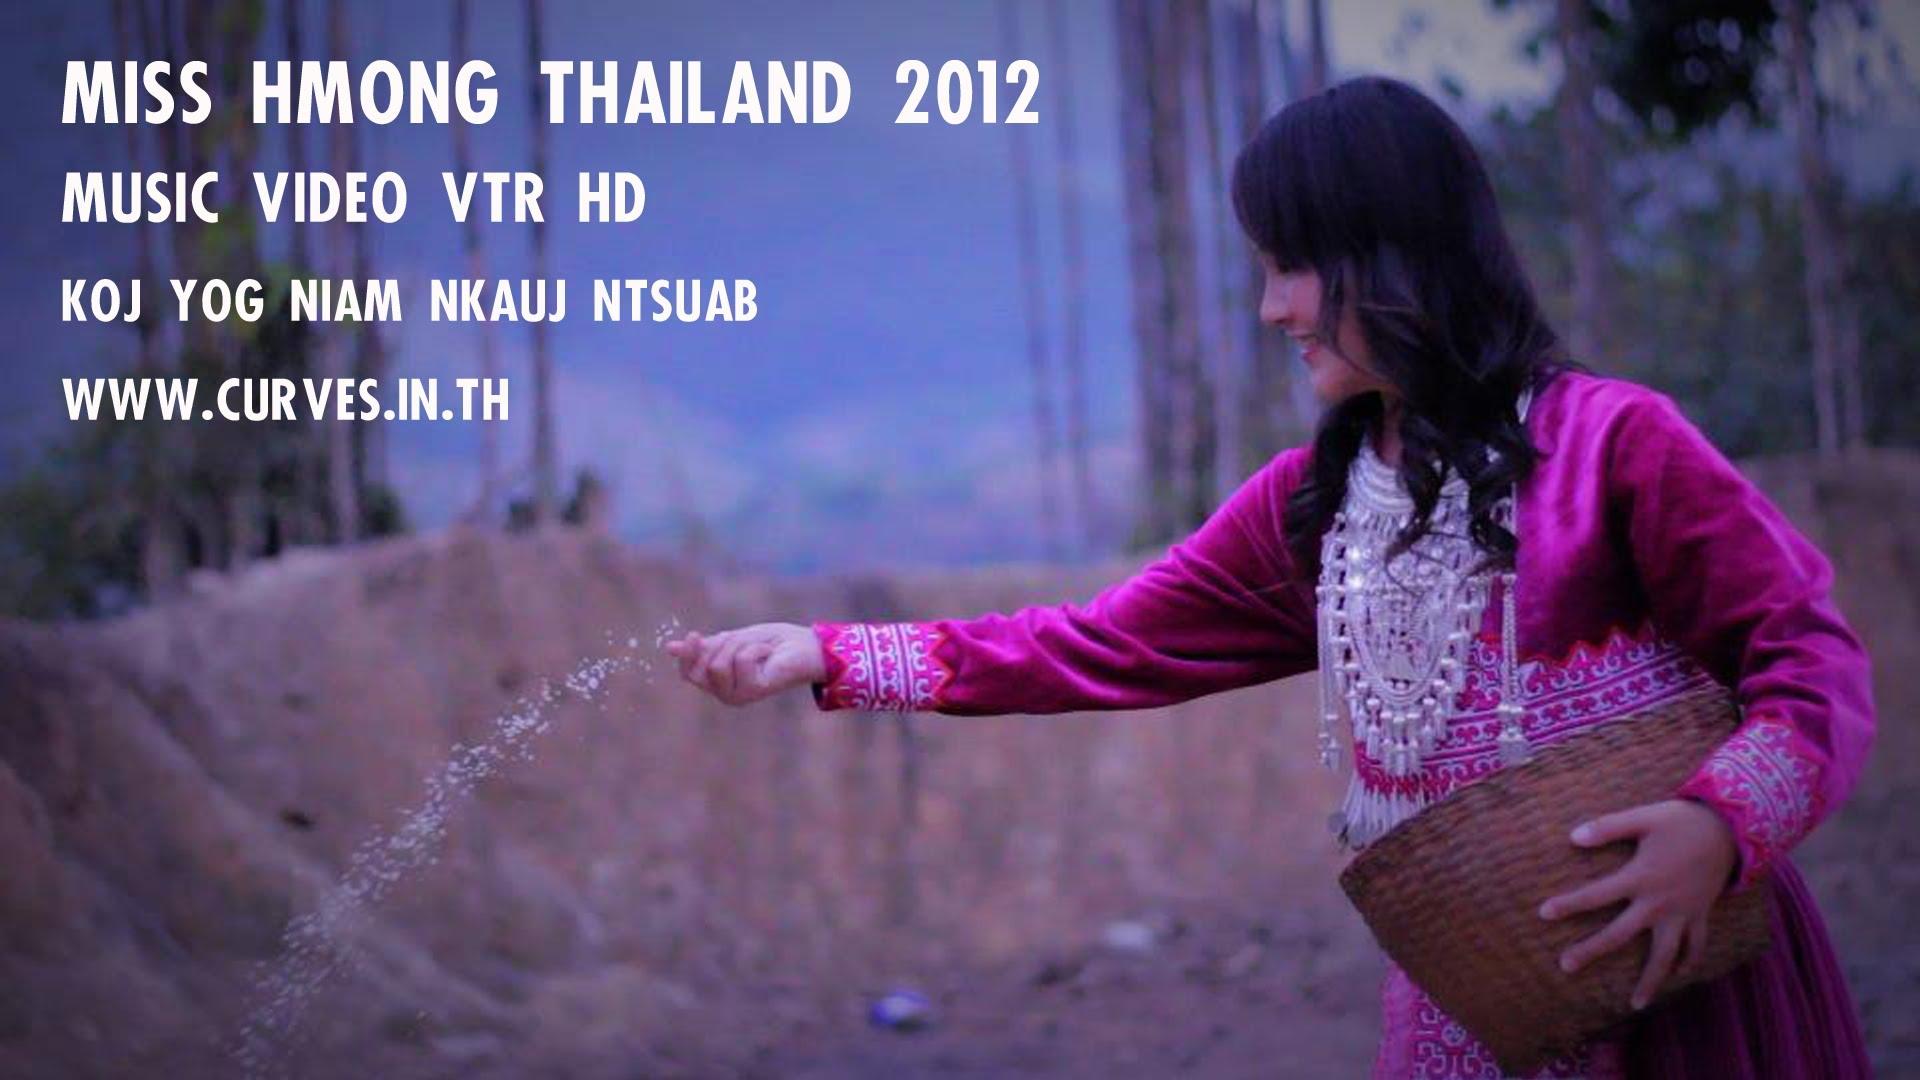 MISS HMONG THAILAND 2012 : Koj Yog Niam Nkauj Ntsuab (VTR HD)